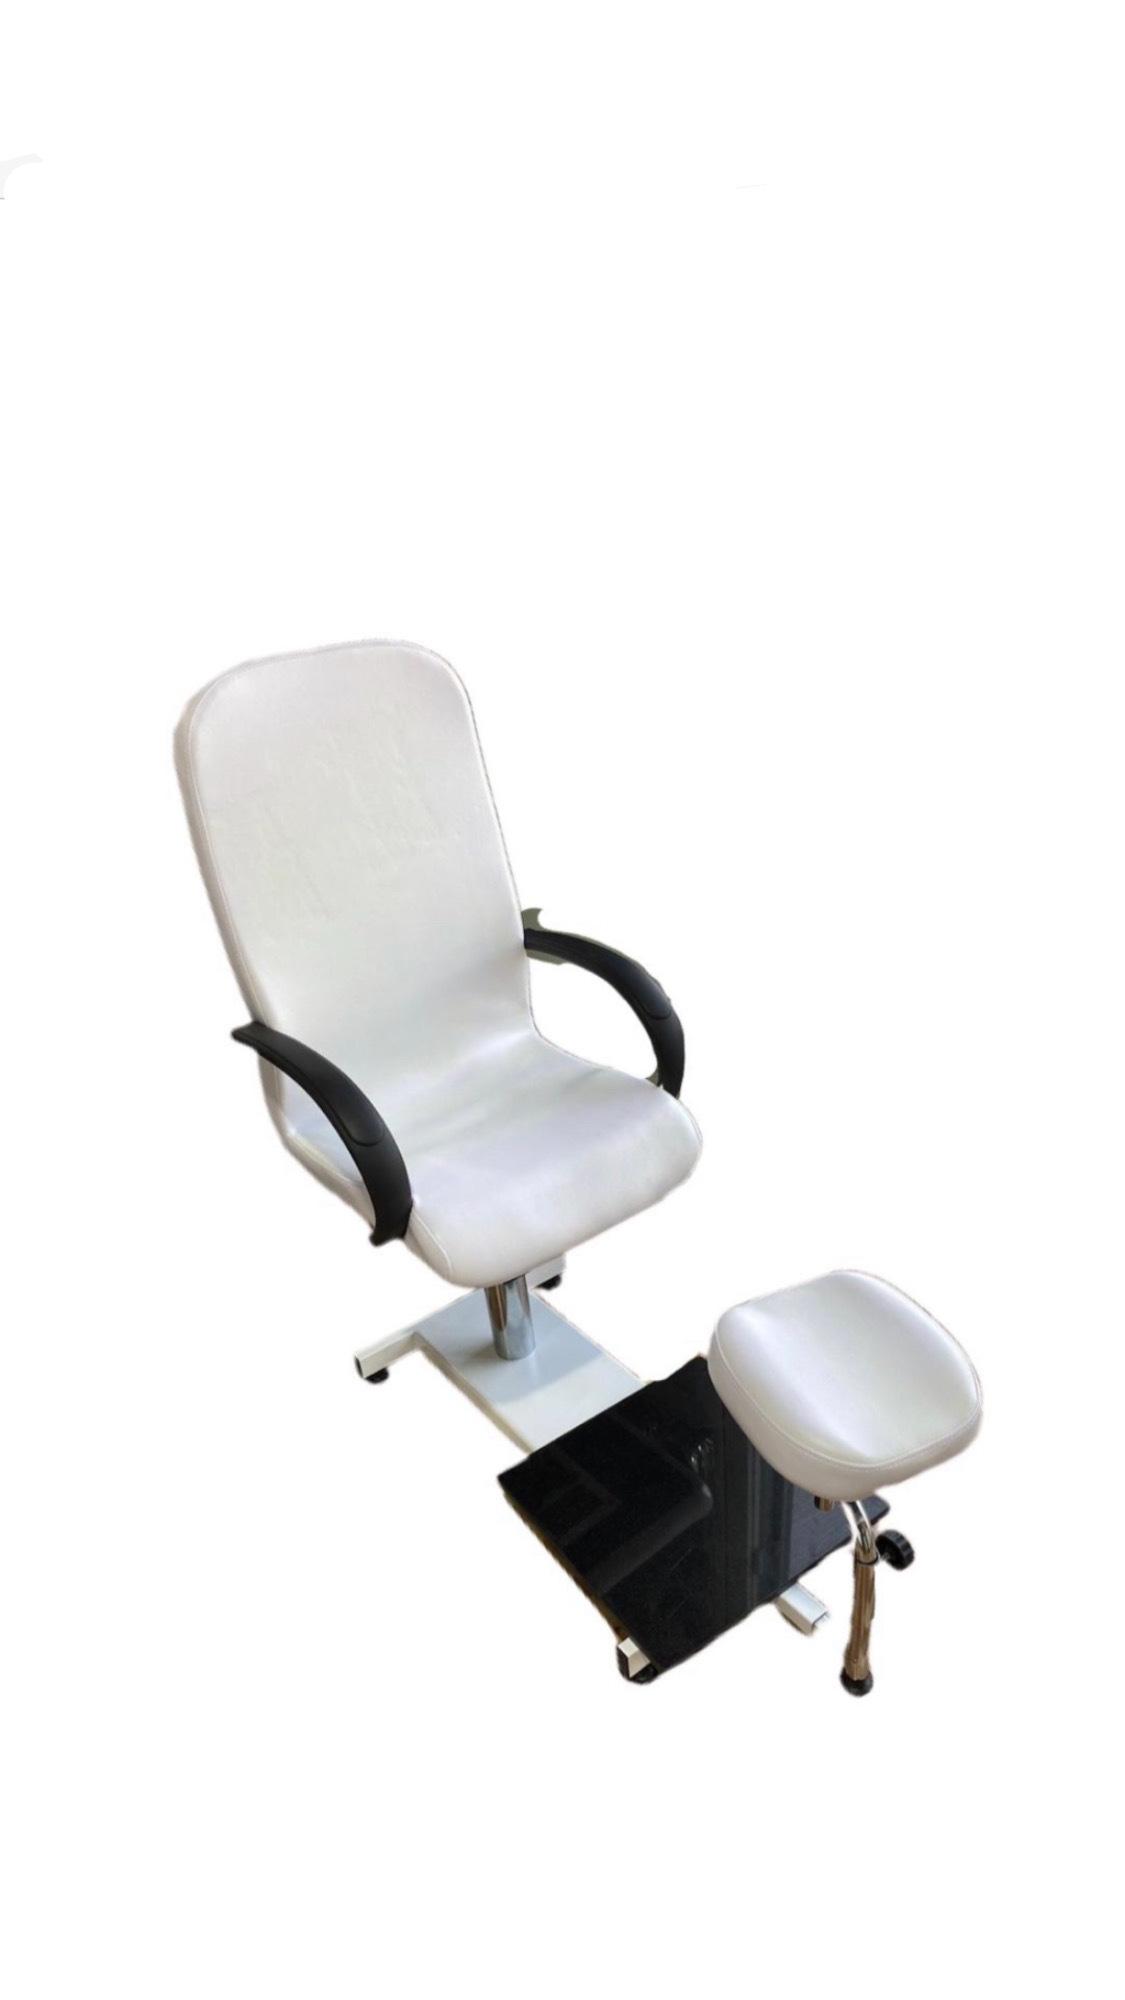 כיסא פדיקור משולב לבן